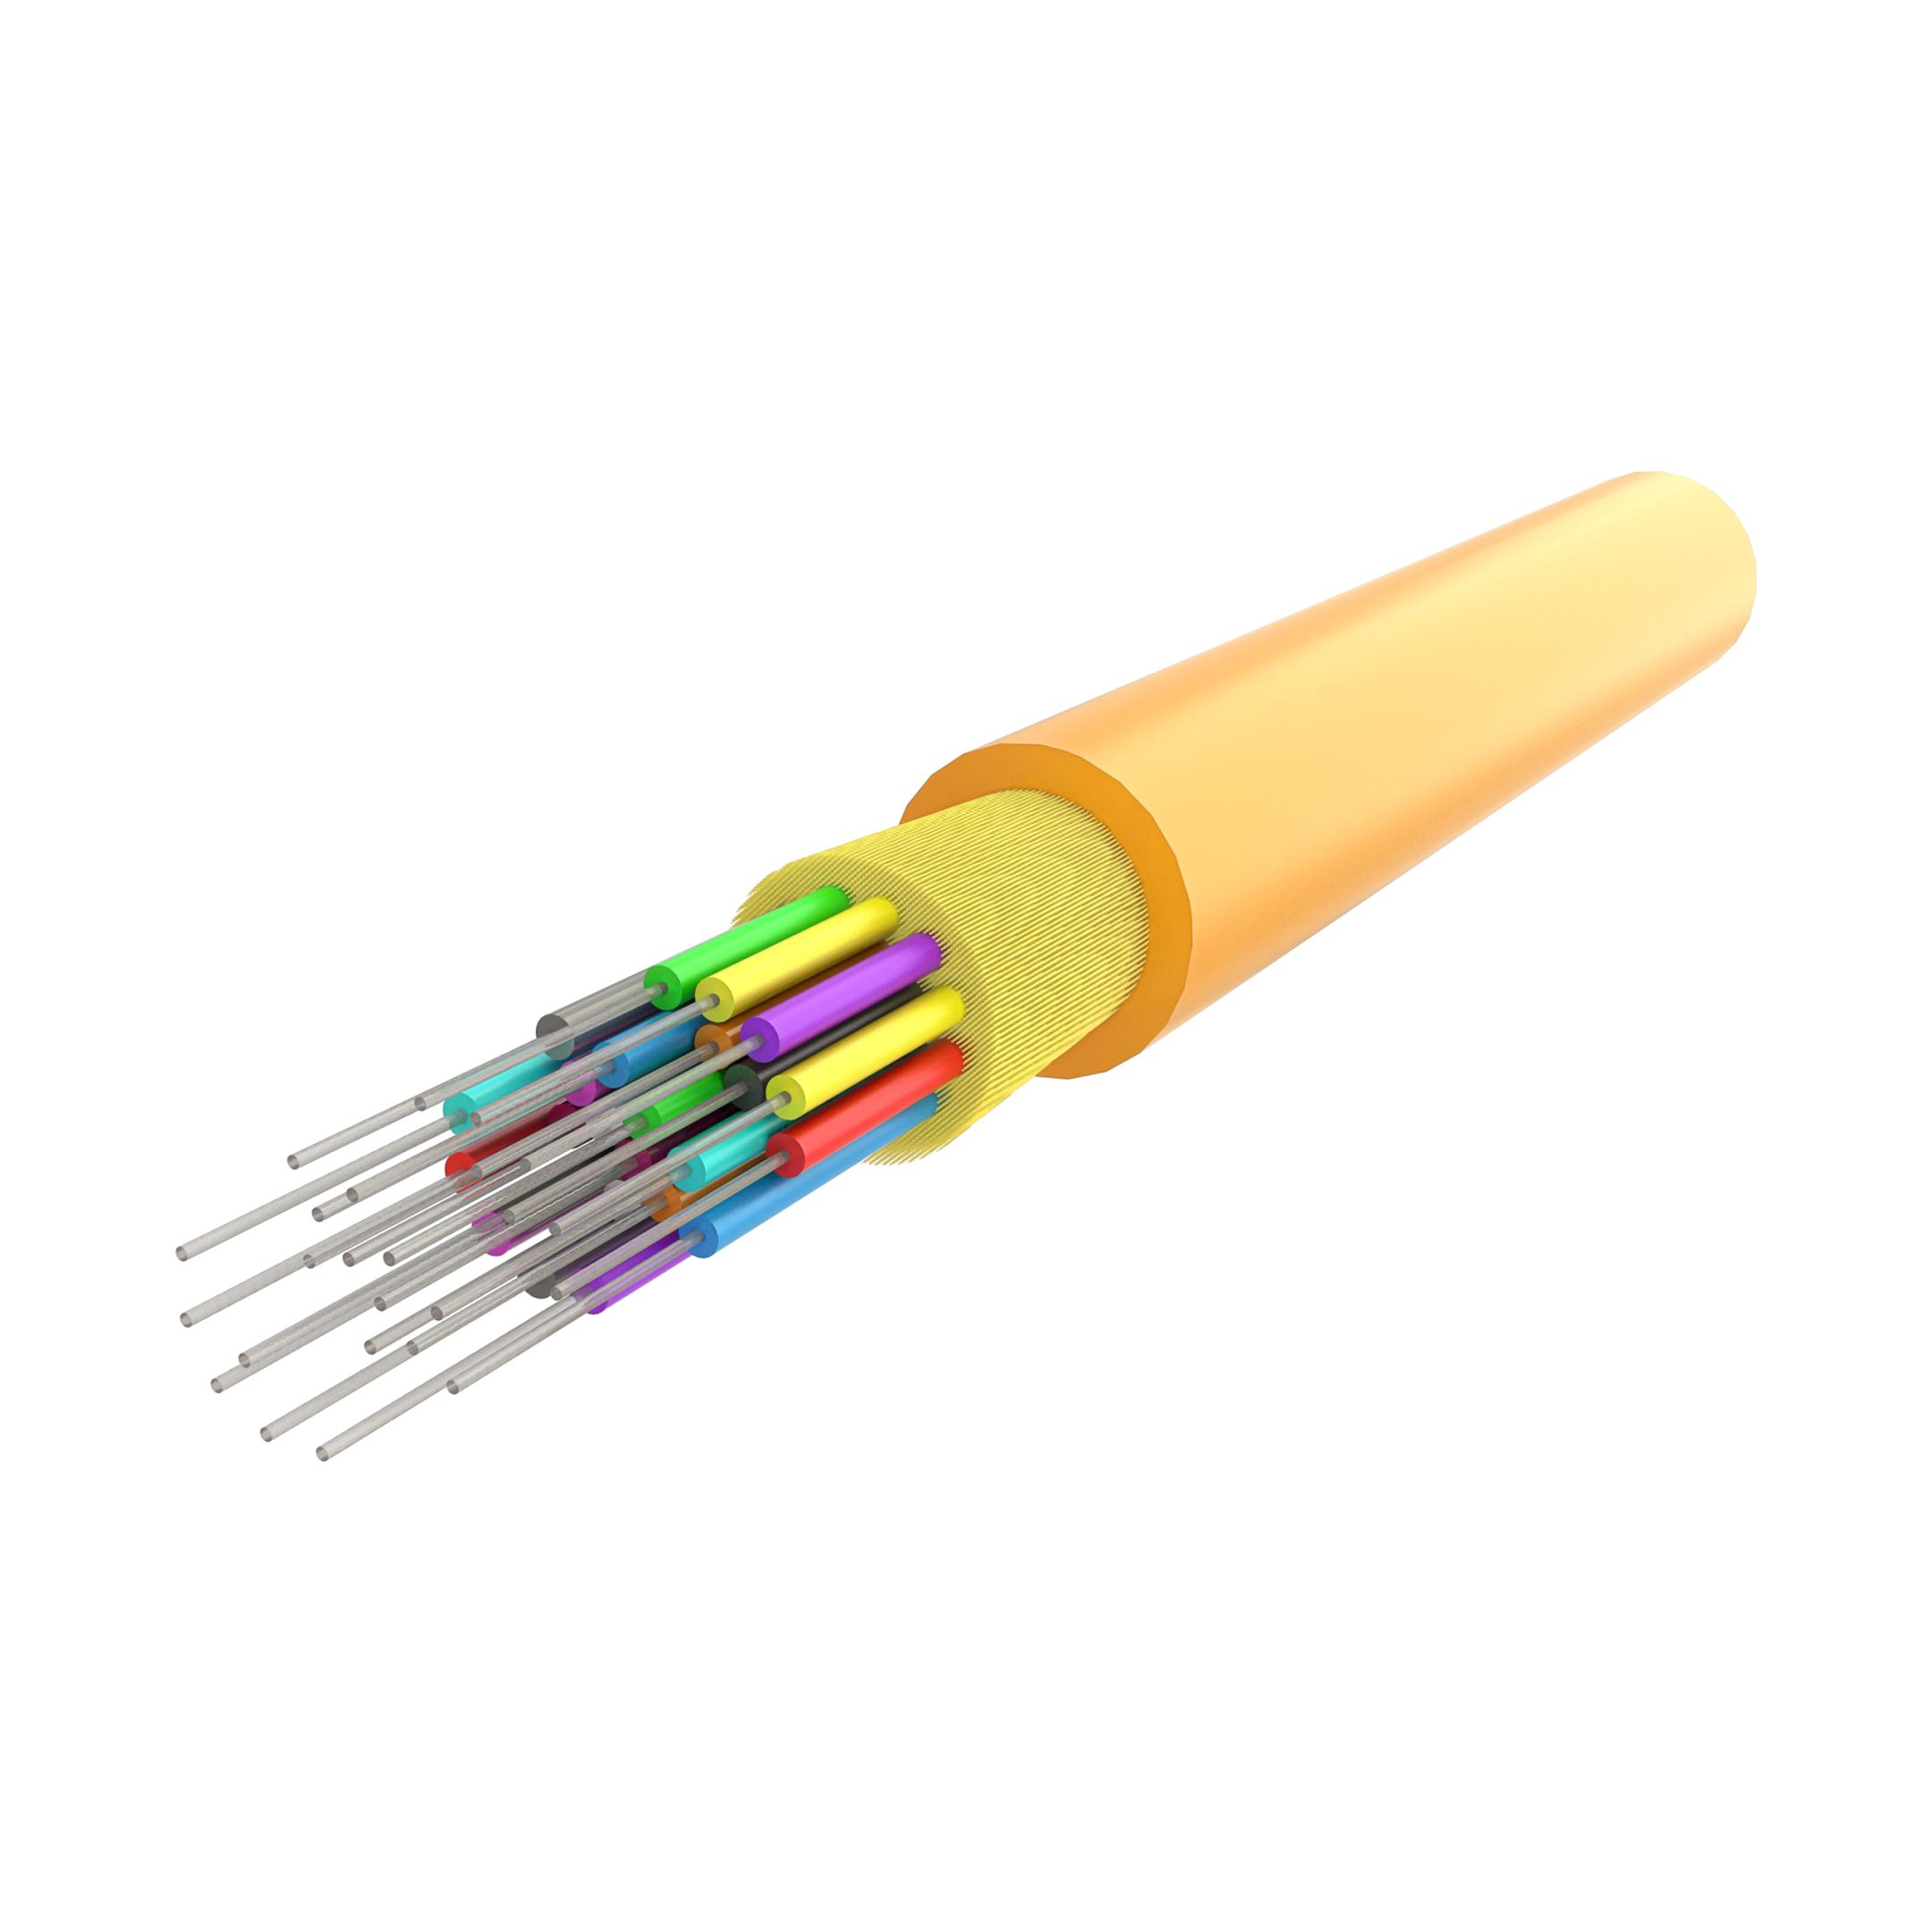 Samm Teknoloji - Mini Breakout Kablo 7.2mm | I-V(ZN)H 1x24 | 1000 metre (1)